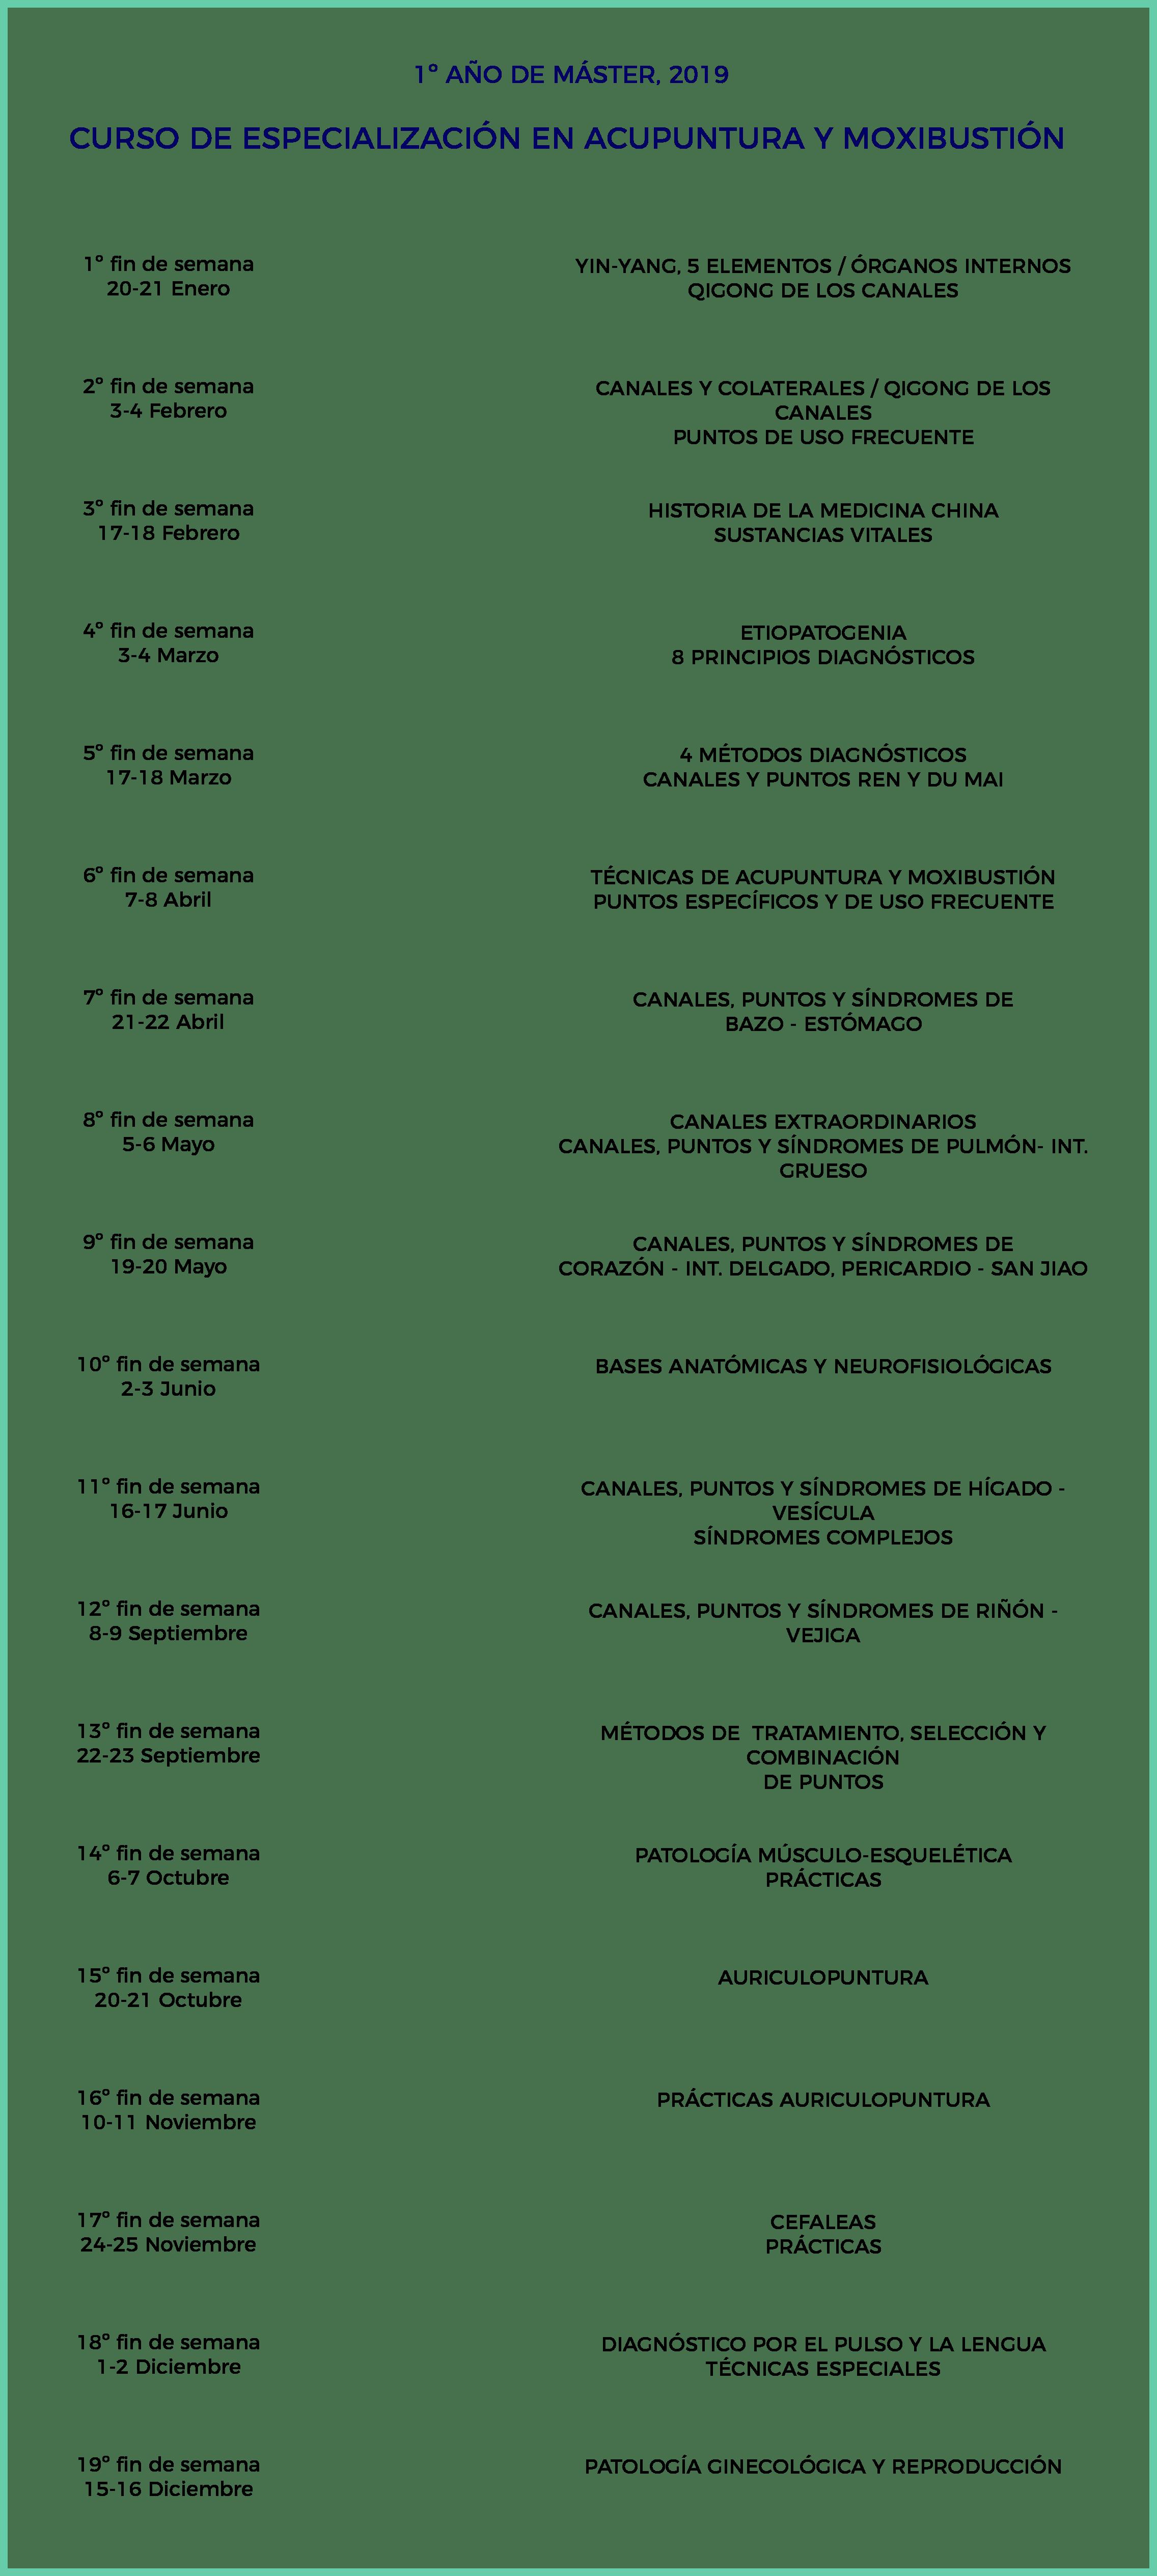 calendario máster acupuntura 1º año